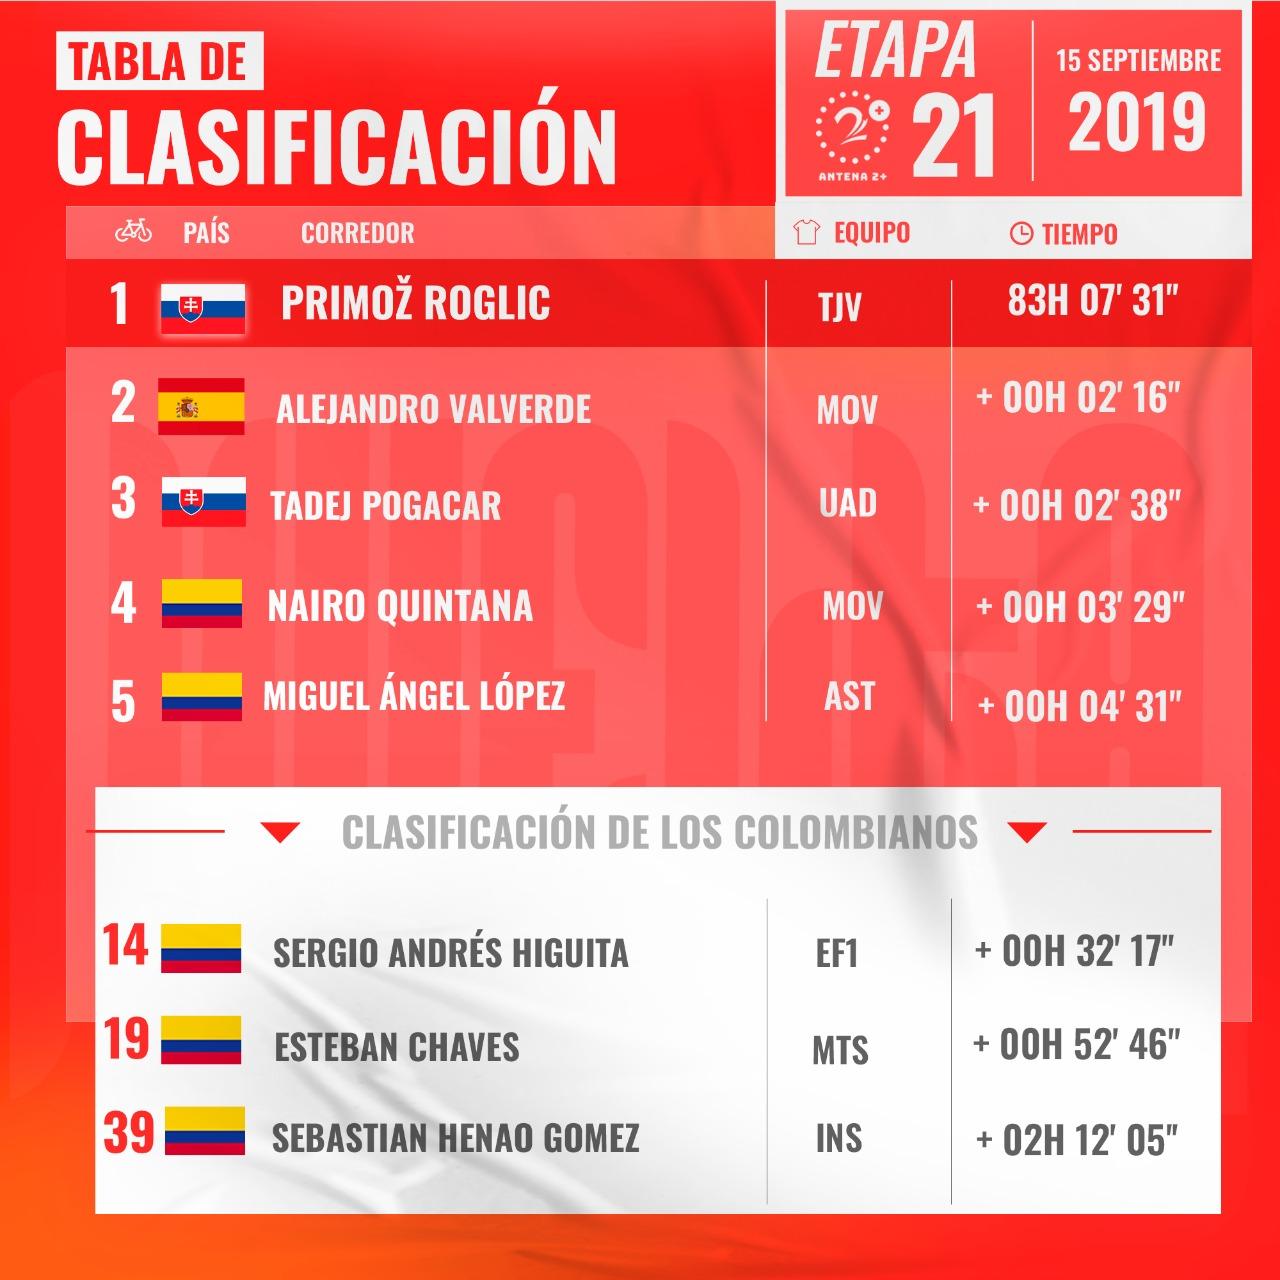 Vuelta a España 2019, clasificación general, etapa 21